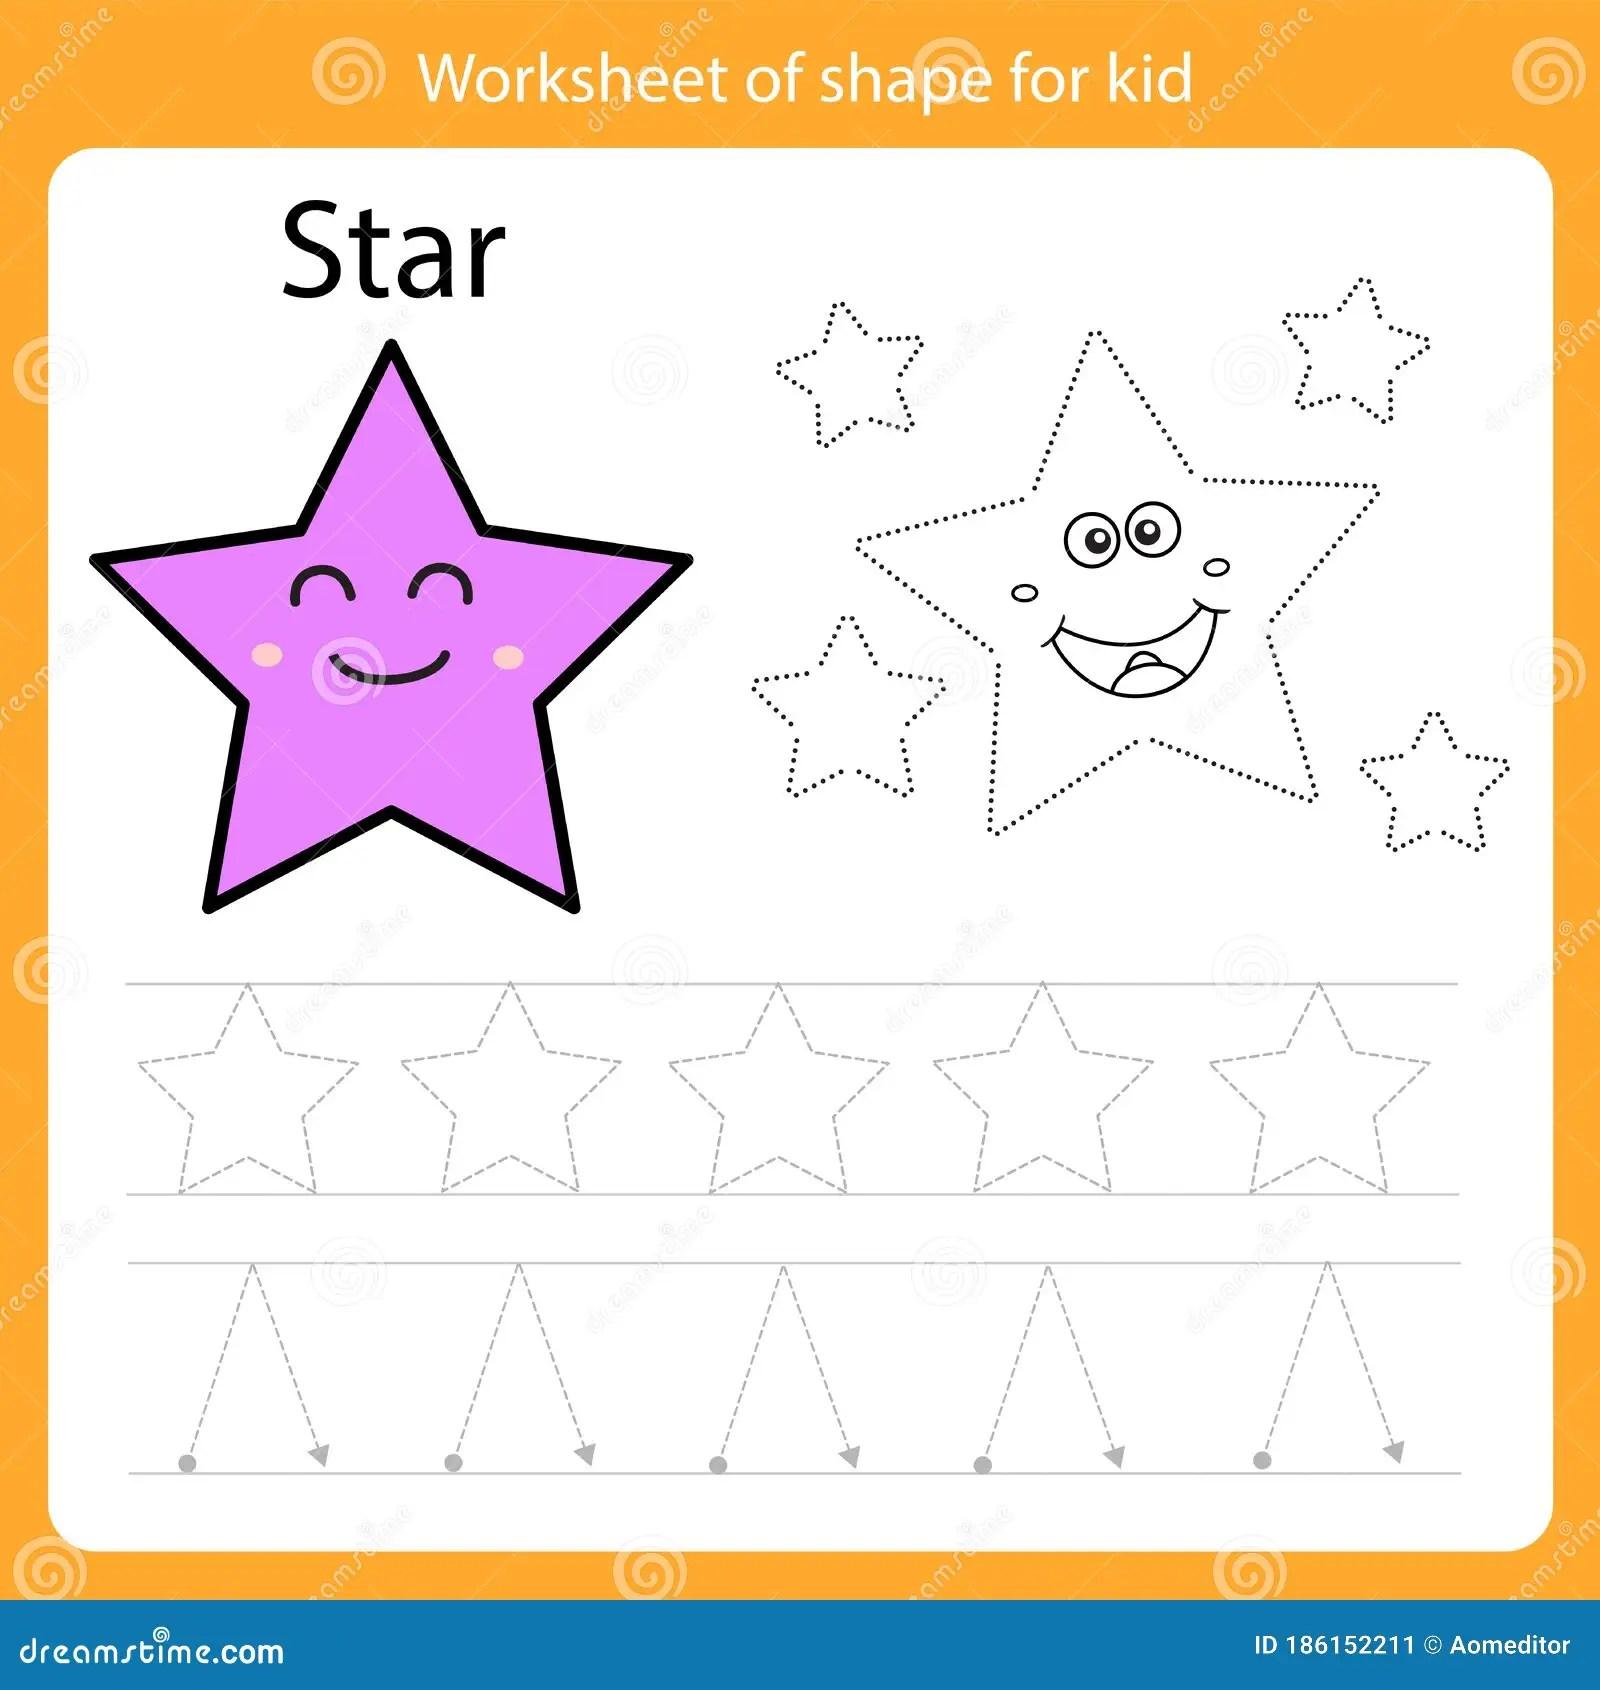 Illustrator Of Worksheet Of Shape For Kid Star Stock